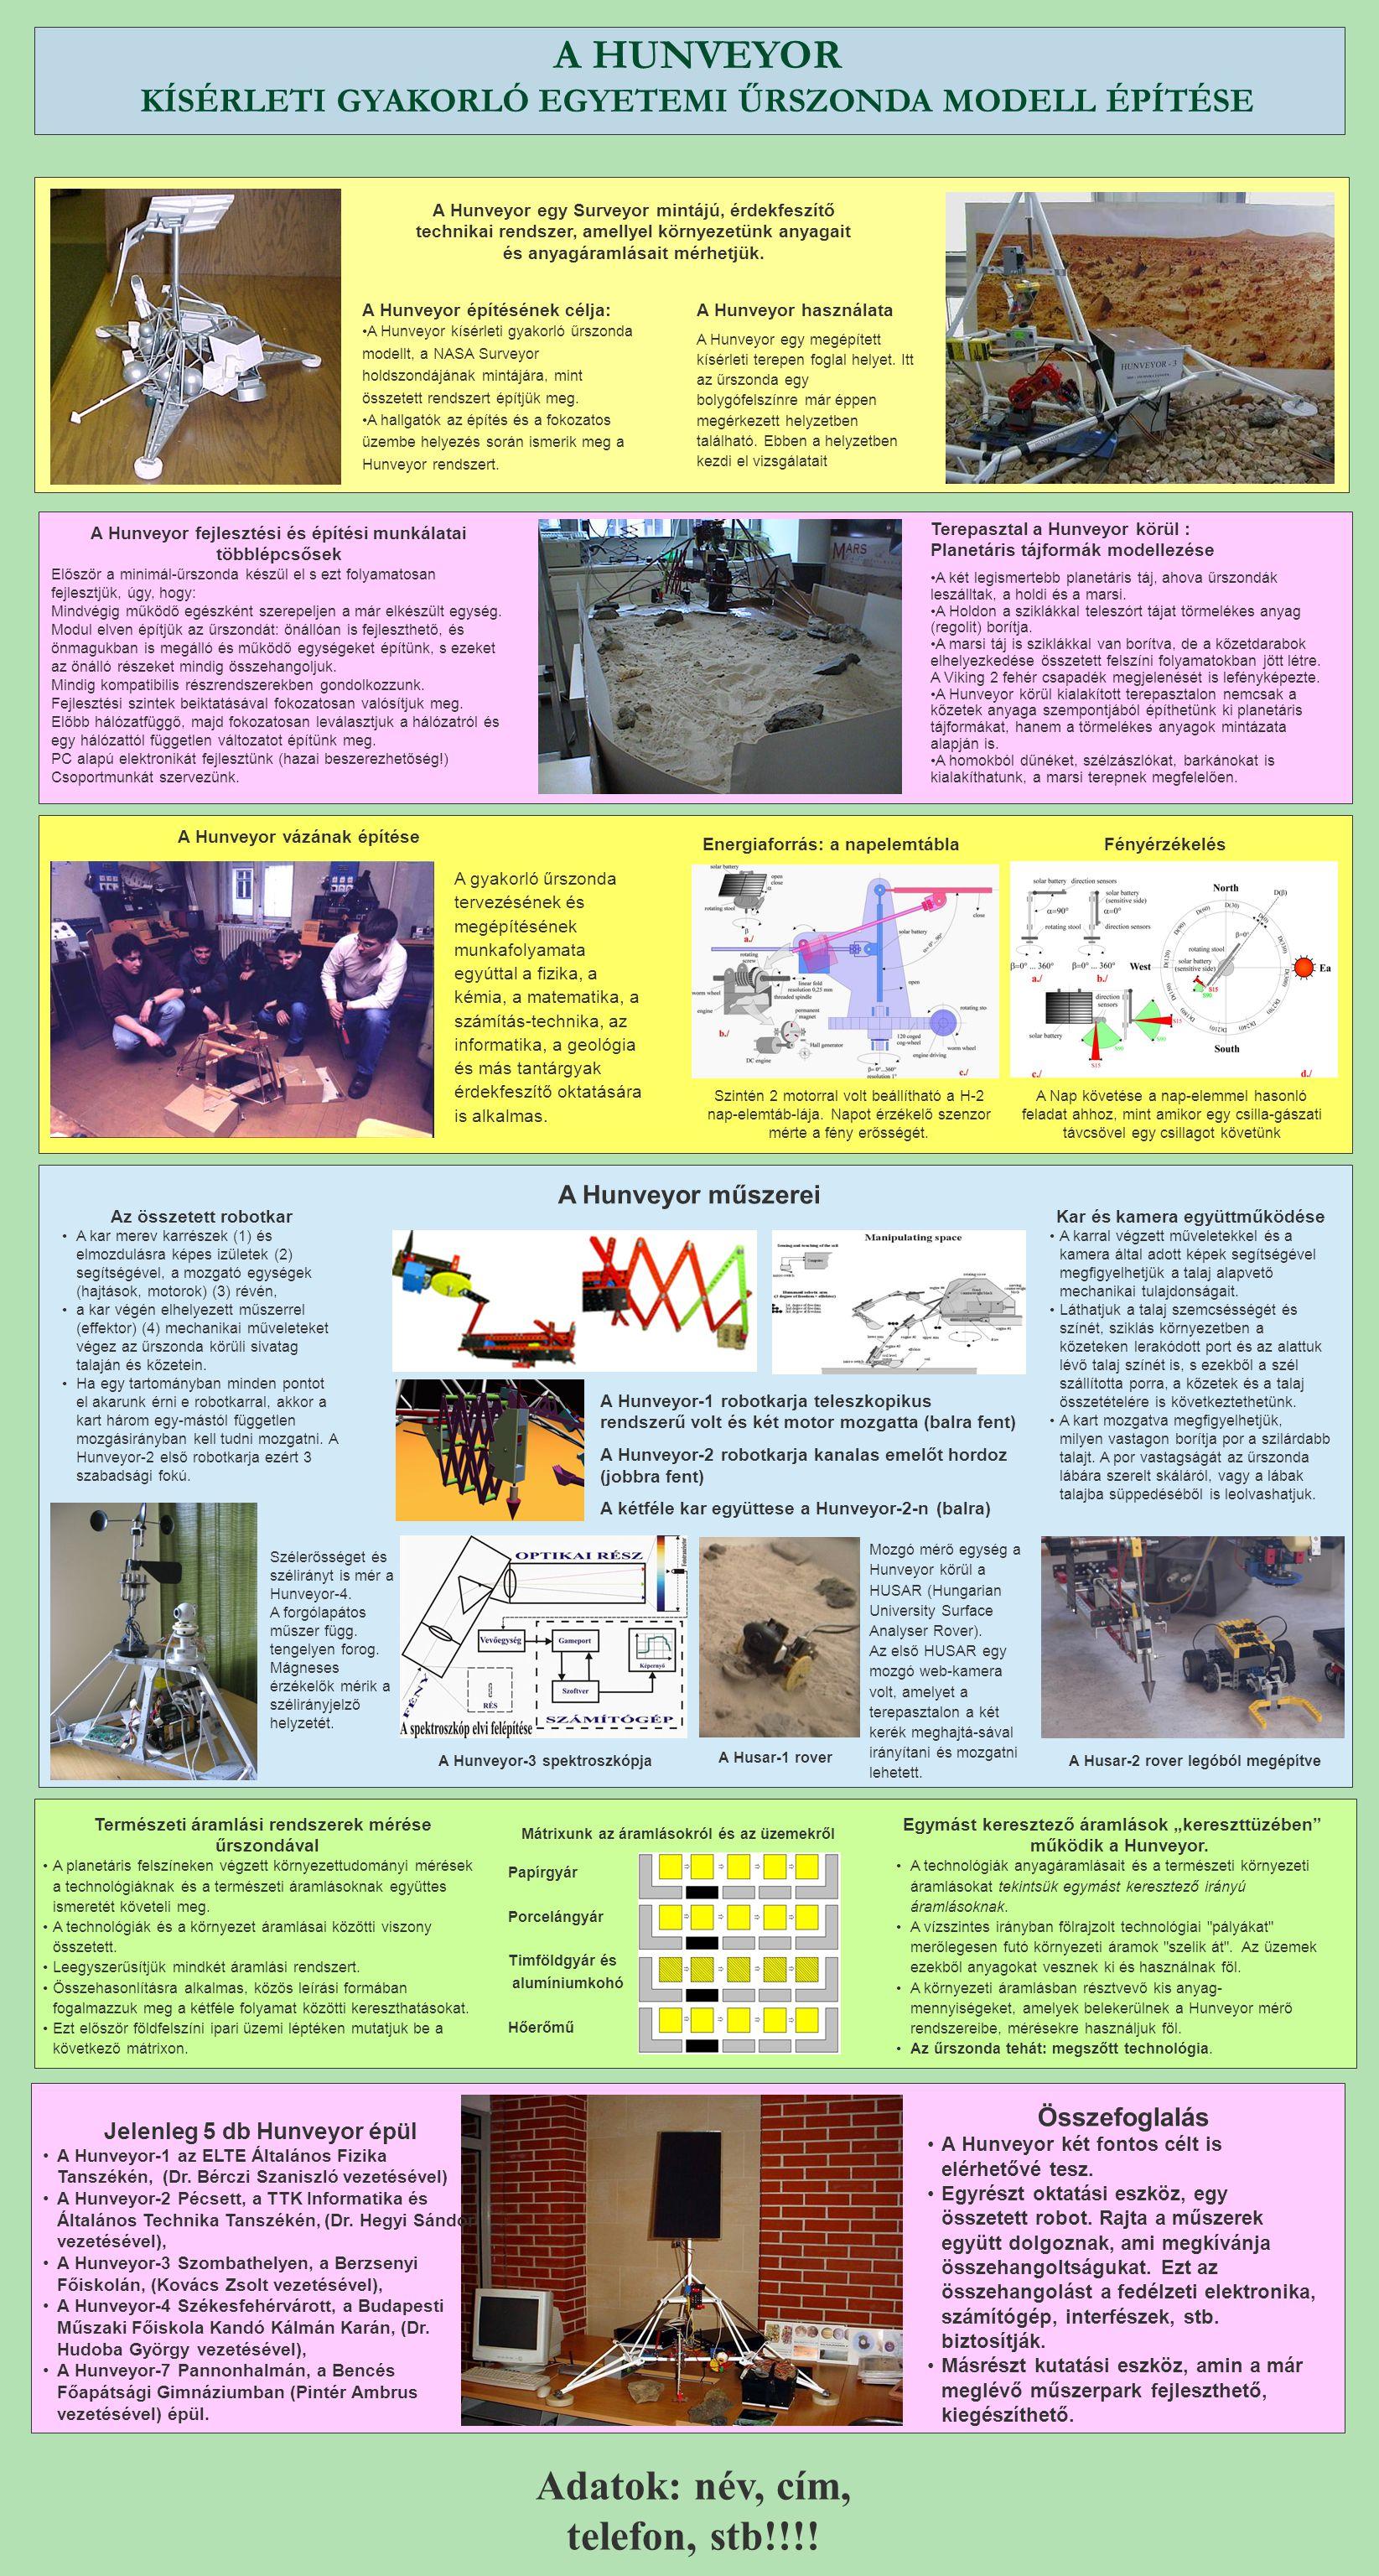 A HUNVEYOR KÍSÉRLETI GYAKORLÓ EGYETEMI ŰRSZONDA MODELL ÉPÍTÉSE A Hunveyor építésének célja: •A Hunveyor kísérleti gyakorló űrszonda modellt, a NASA Surveyor holdszondájának mintájára, mint összetett rendszert építjük meg.